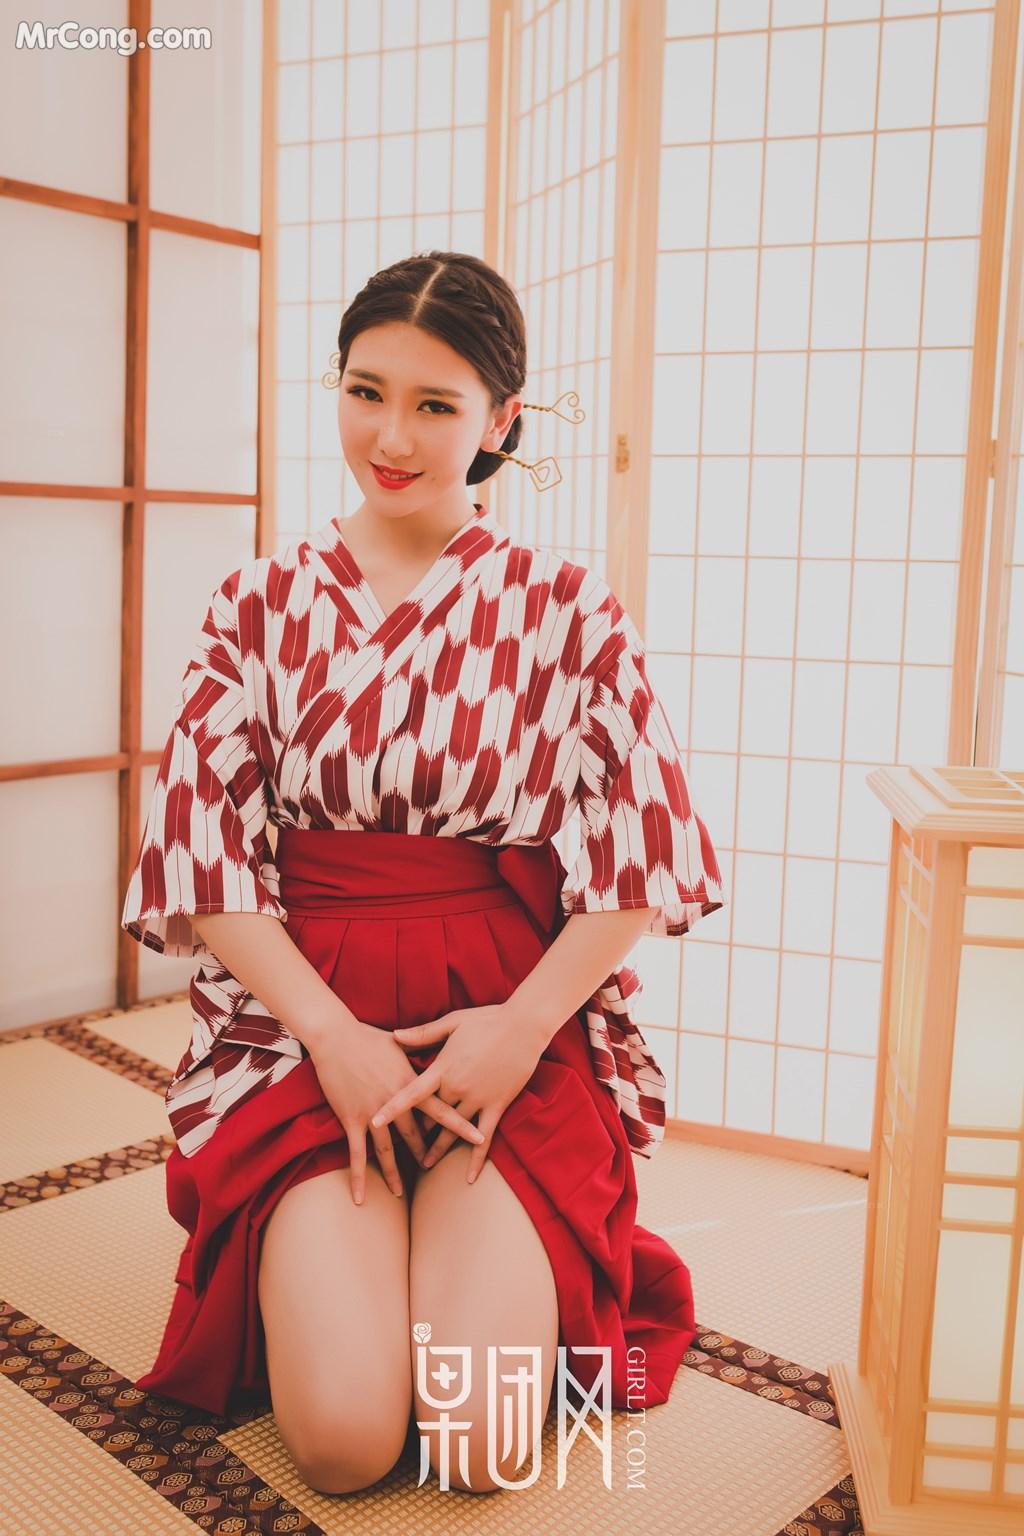 Image GIRLT-No.115-MrCong.com-004 in post GIRLT No.115 (51 ảnh)